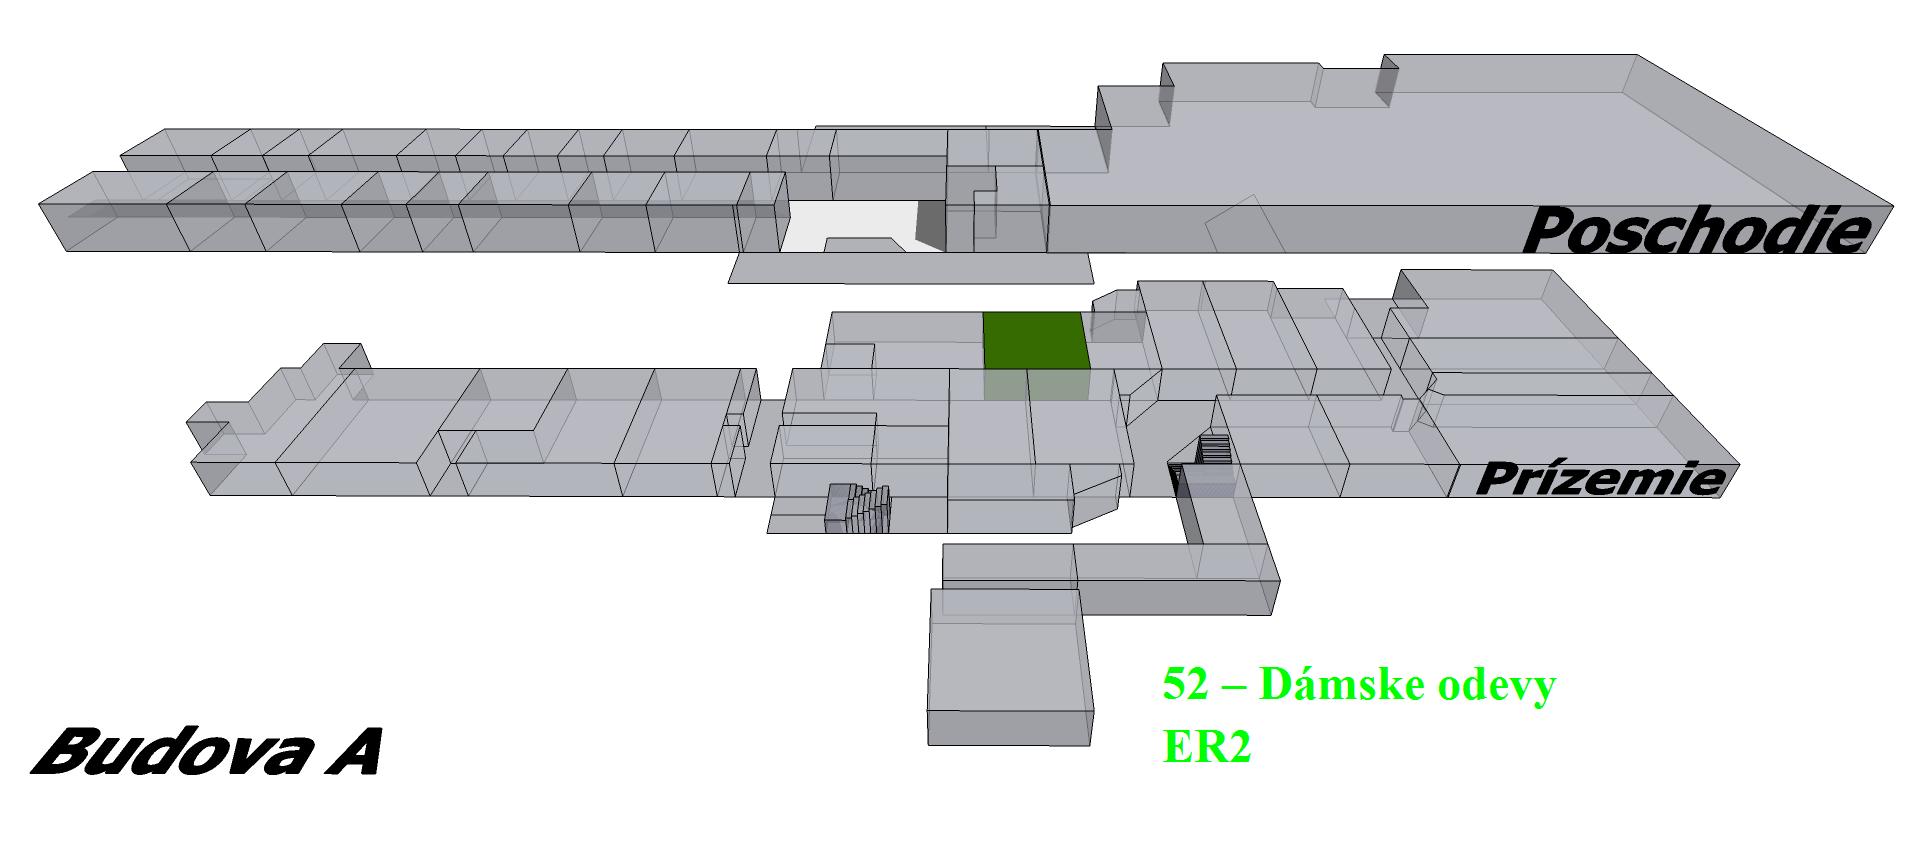 52_Dámske_odevy_ER_budova_A_prízemie_s_u